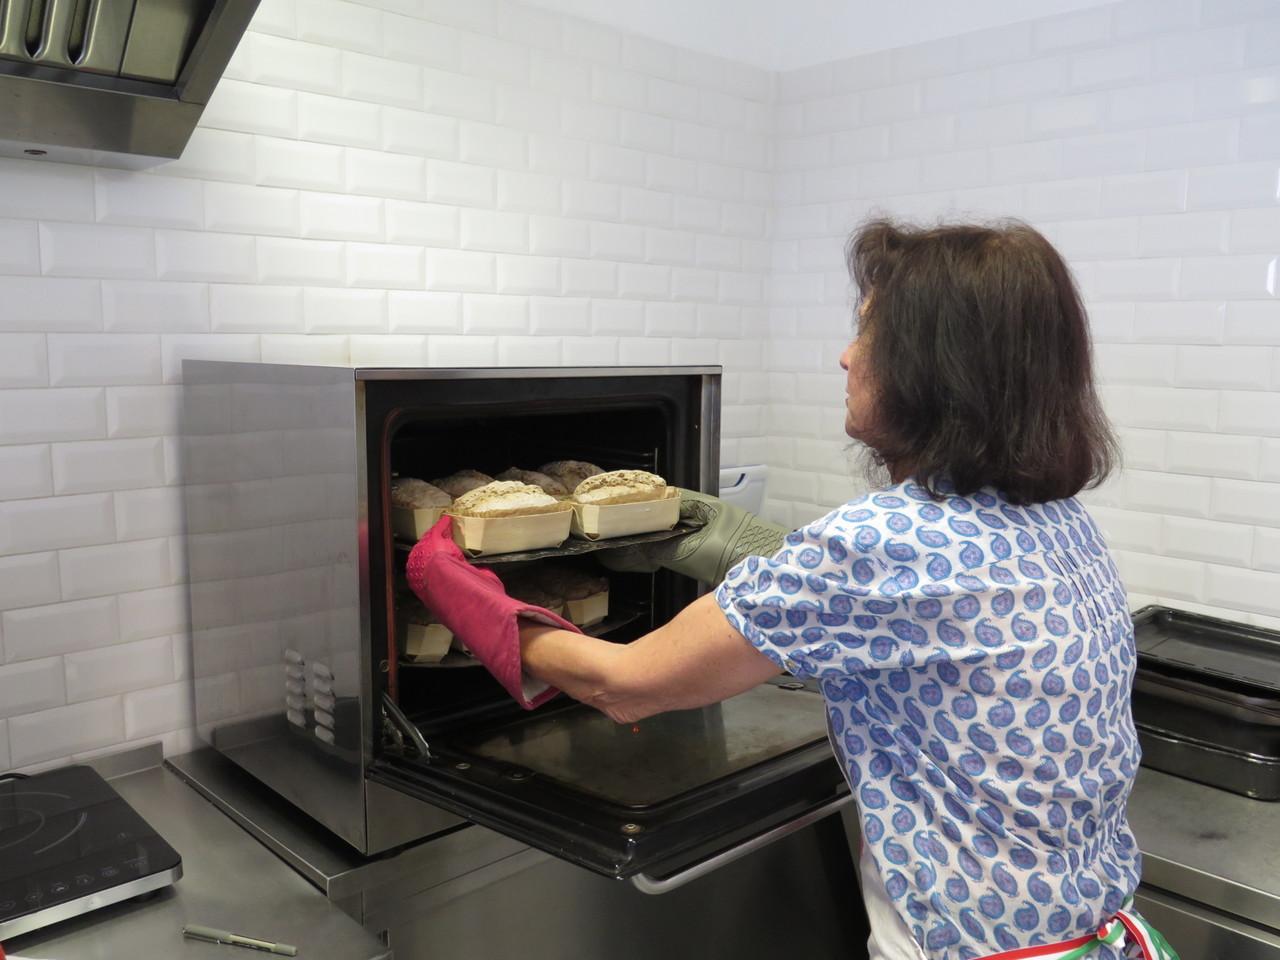 Ana Paula Moreira e o forno da Miosótis, loja de produtos biológicos